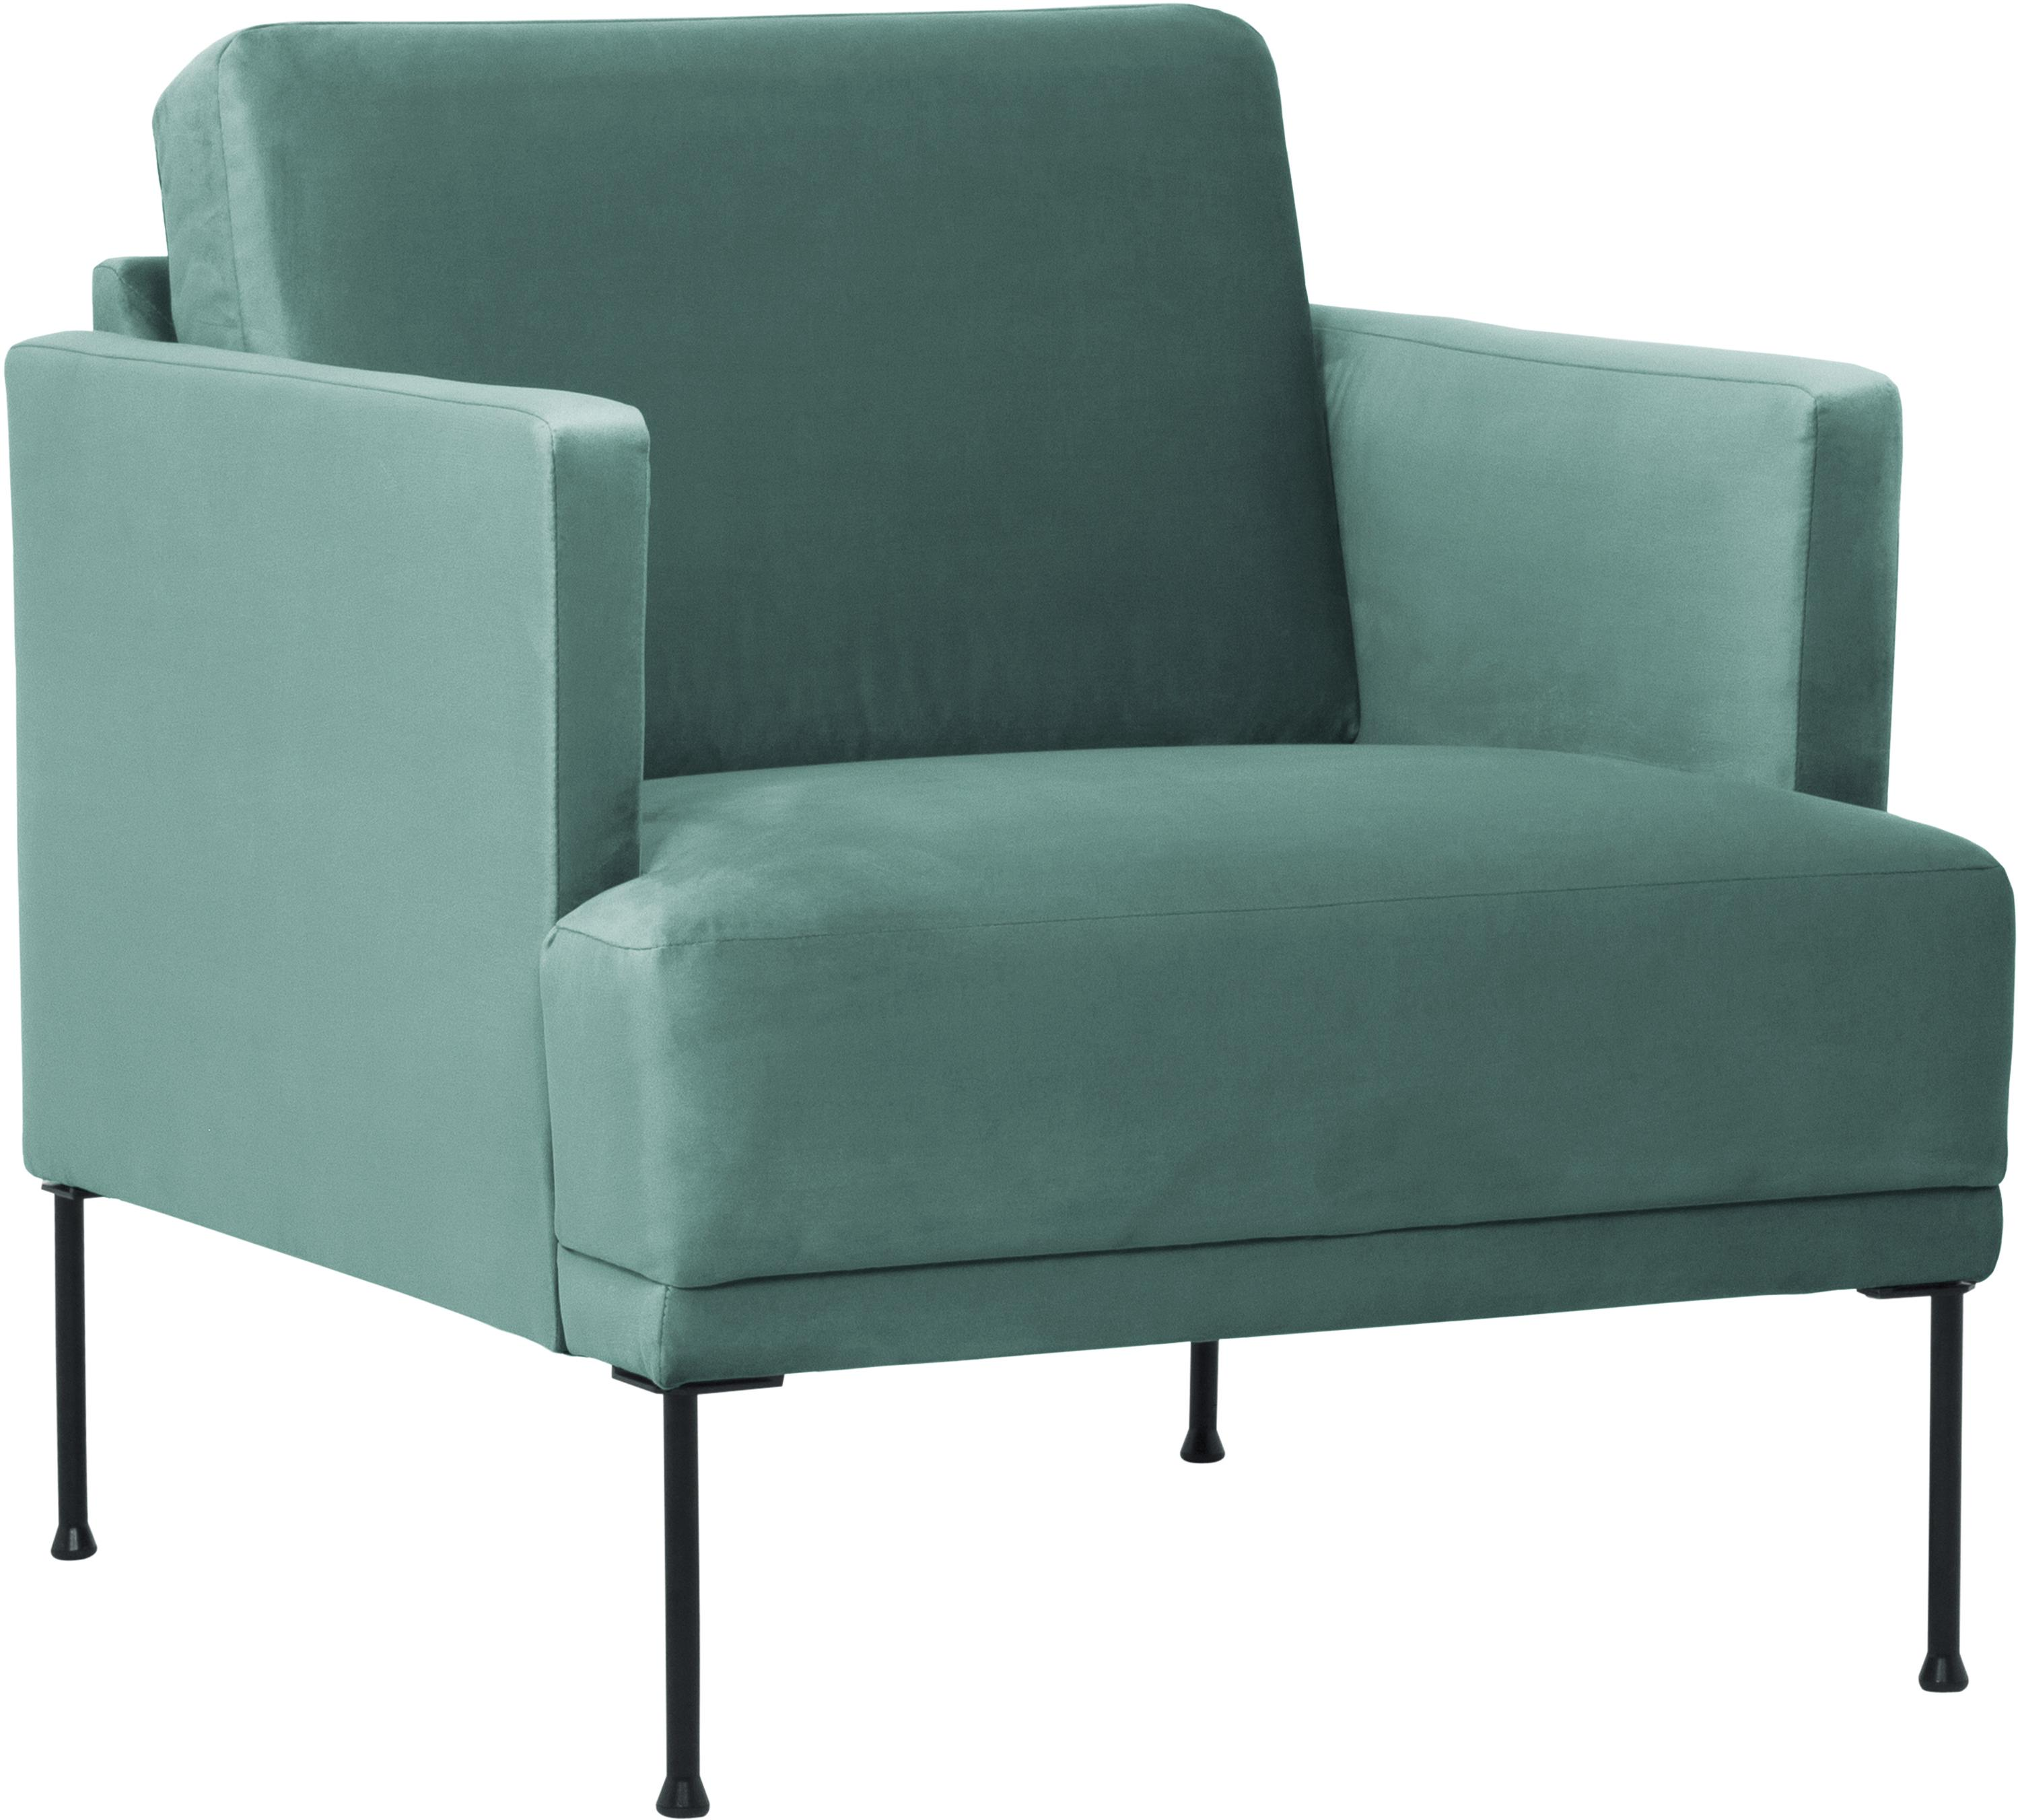 Fotel z aksamitu Fluente, Tapicerka: aksamit (wysokiej jakości, Stelaż: lite drewno sosnowe, Nogi: metal malowany proszkowo, Aksamitny jasny zielony, S 74 x G 85 cm